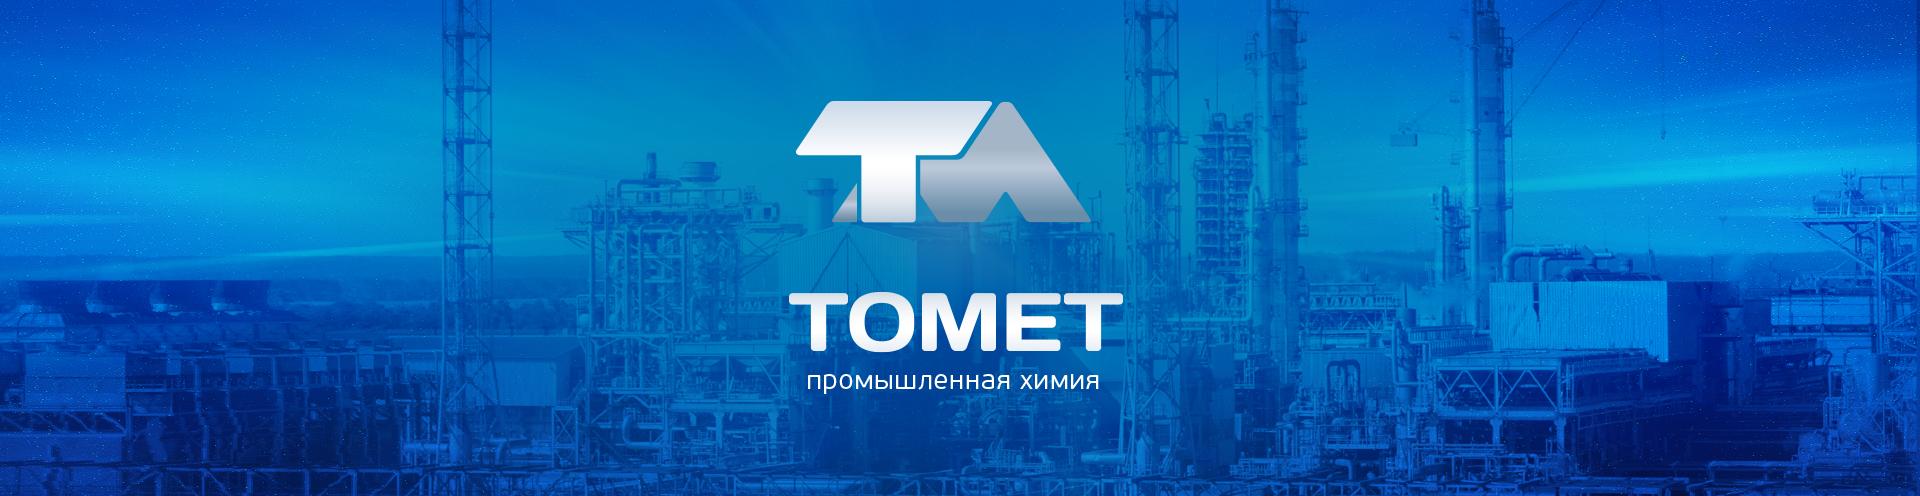 Разработка логотипа и фирменного стиля для завода по производству метанола ТОМЕТ (г.Тольятти)